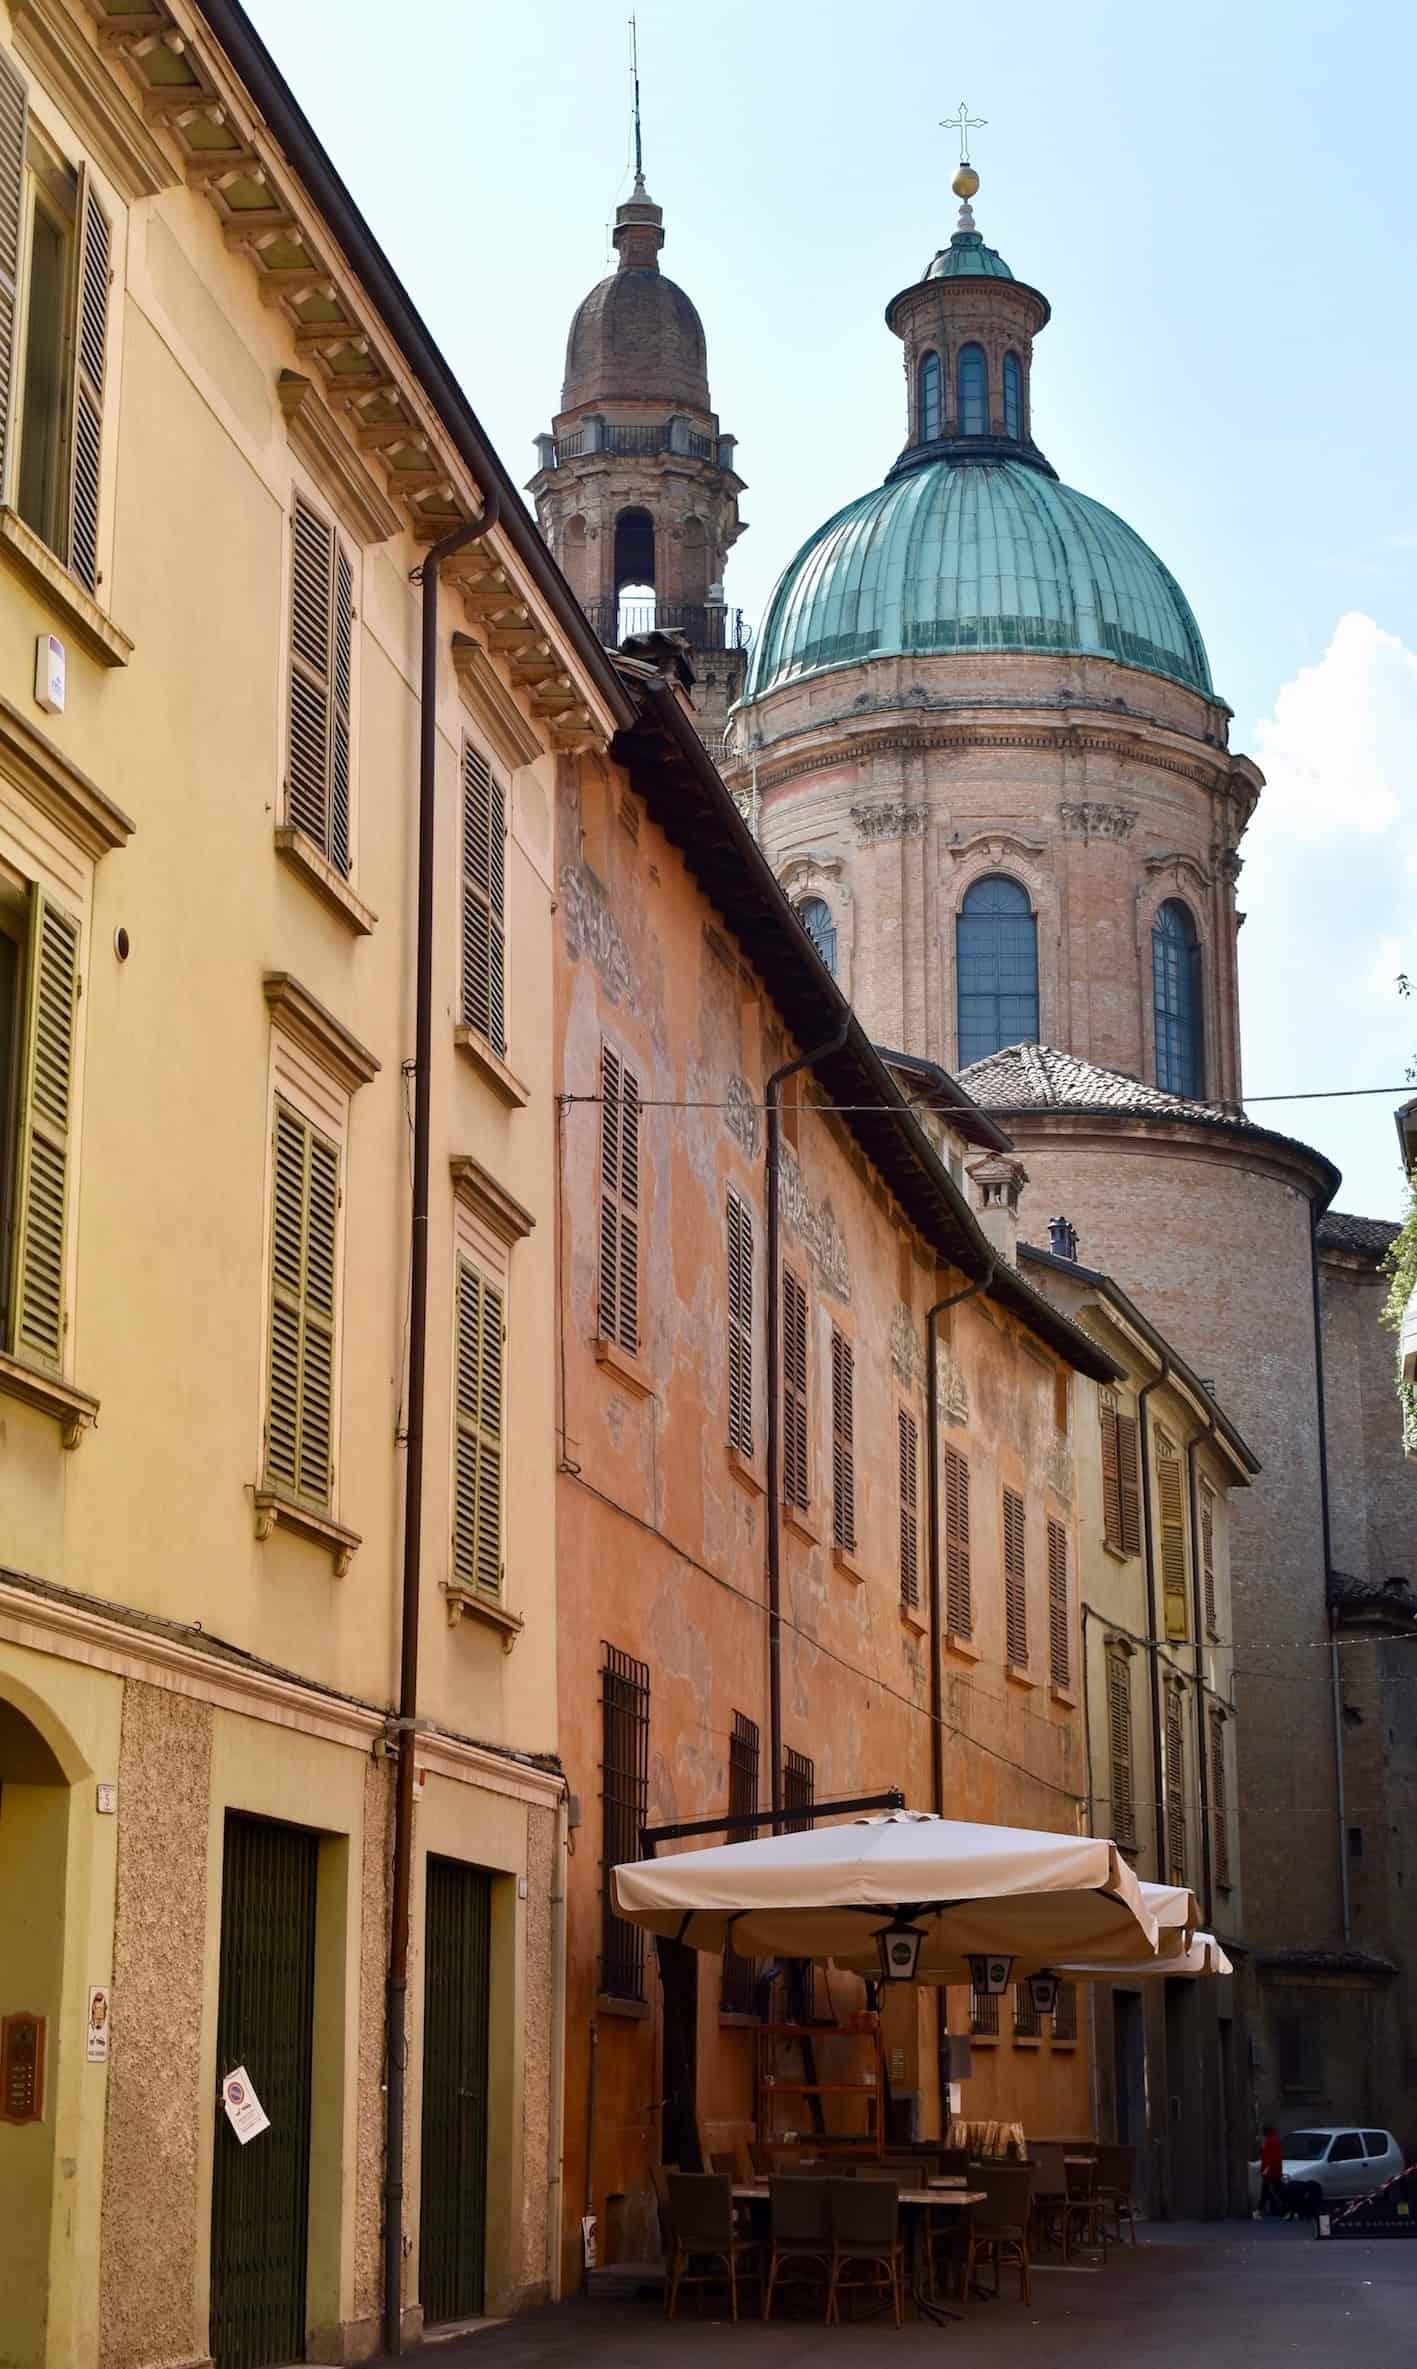 Pastel painted buildings in Reggio Emilia